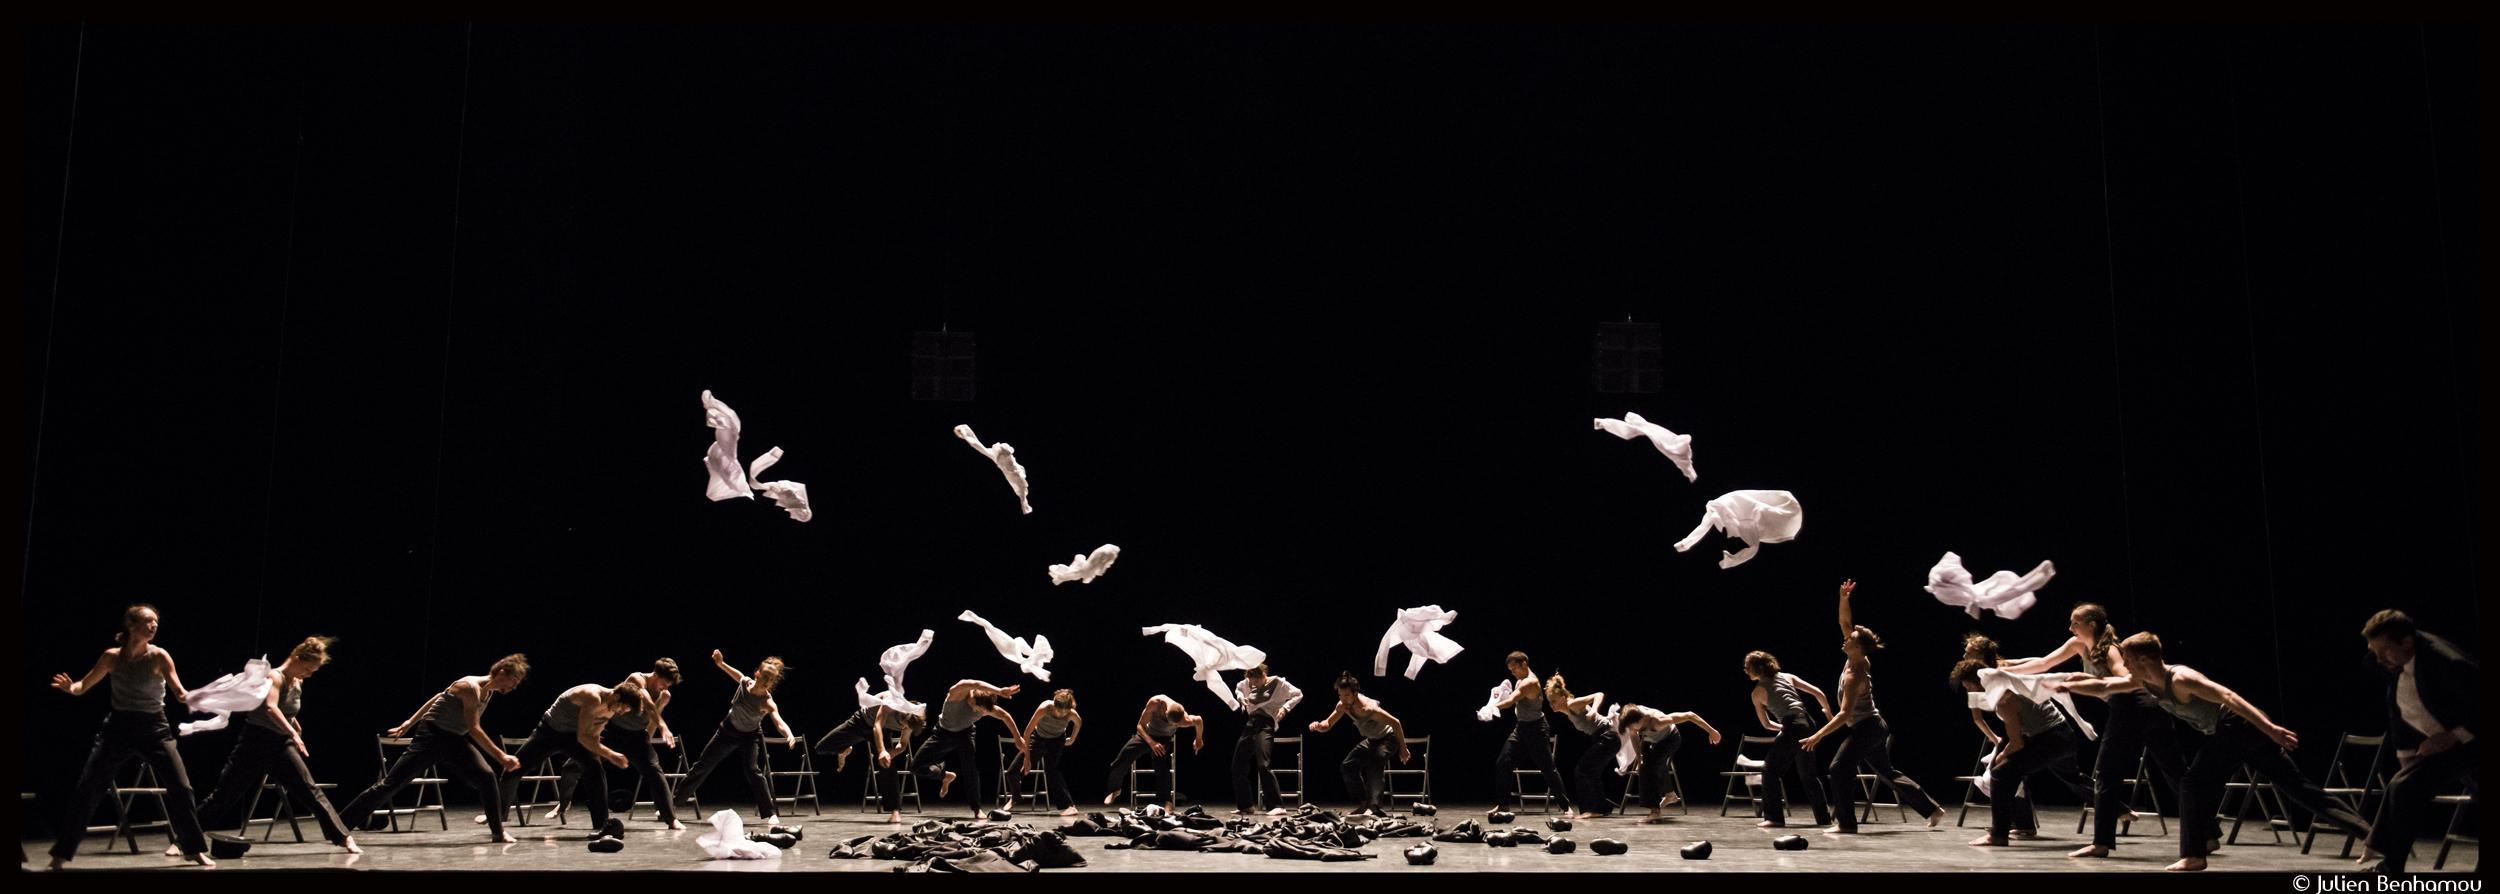 Couv_decadance_Julien_Benhamou___Opera_national_de_Paris-Decadance---Ohad-Naharin---Ballet-OnP--c--Julien-Benhamou----OnP-DSC_6103_@loeildoliv